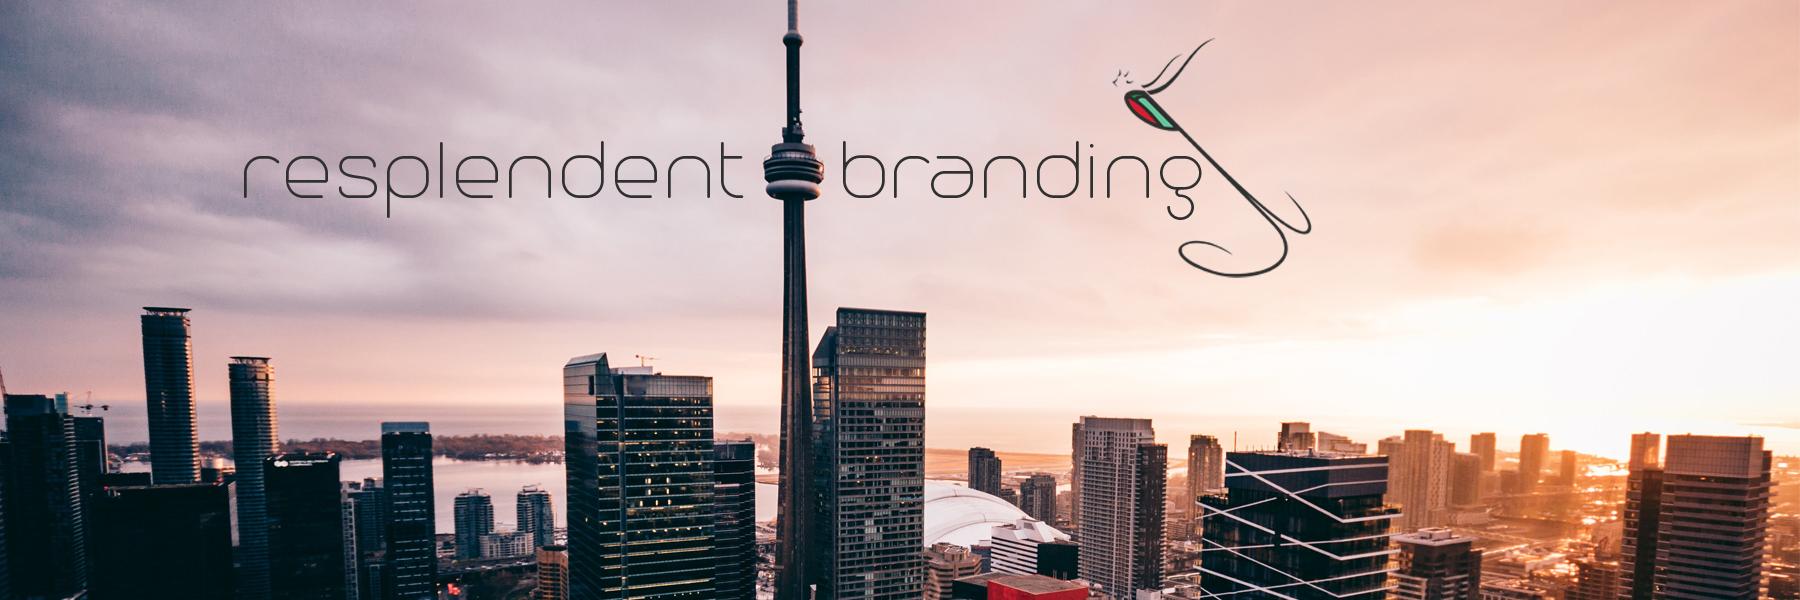 Resplendent Branding - Marketing Guidance for Small Businesses